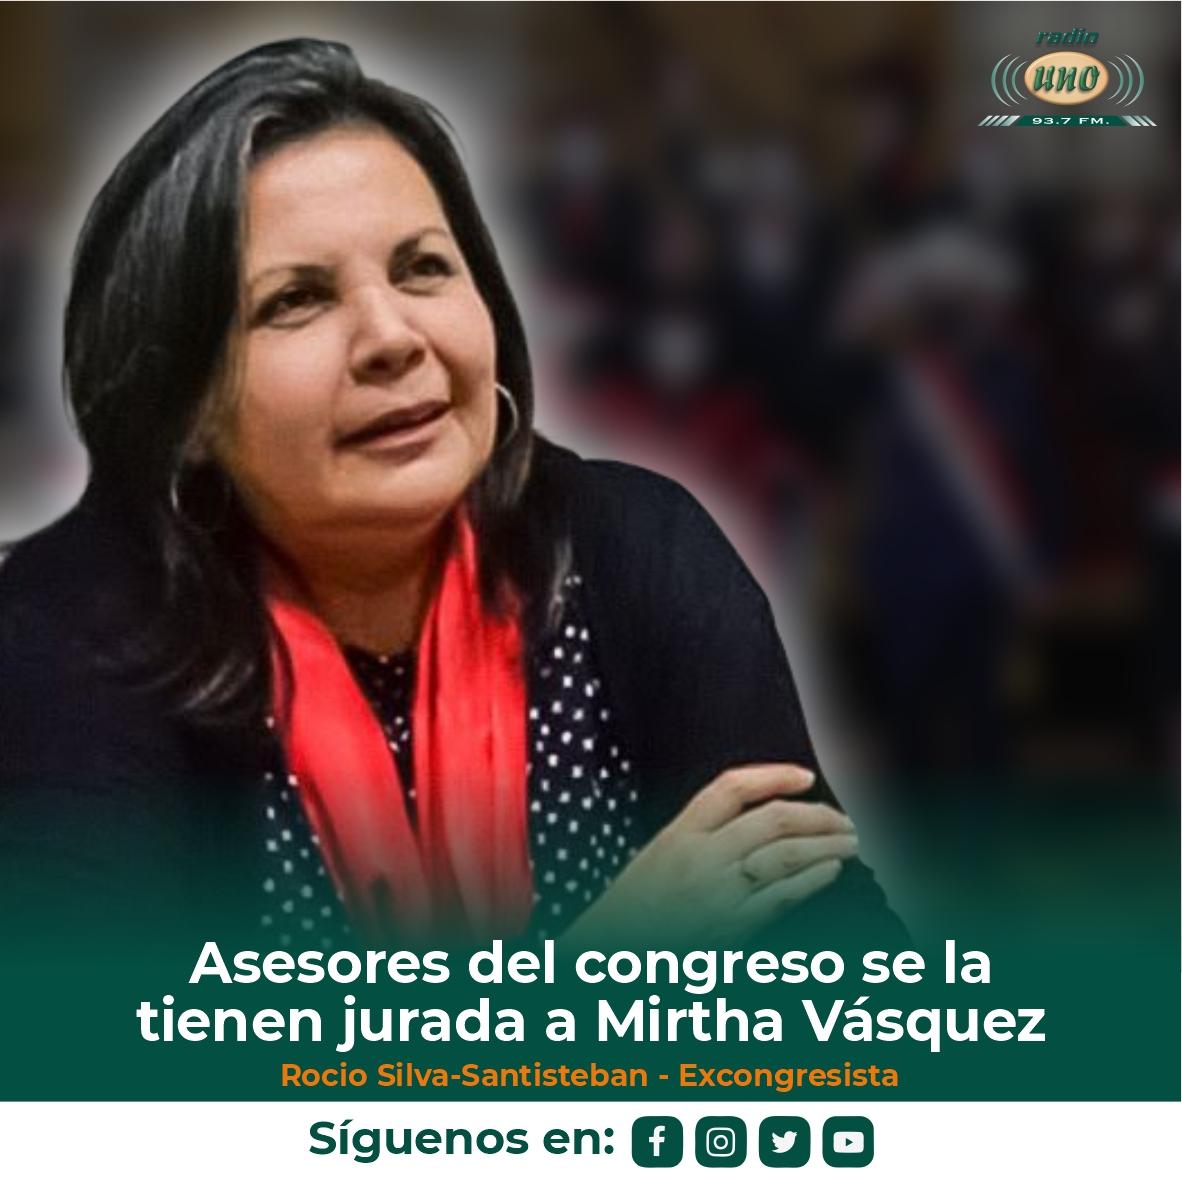 Asesores del congreso se la tienen jurada a Mirtha Vásquez